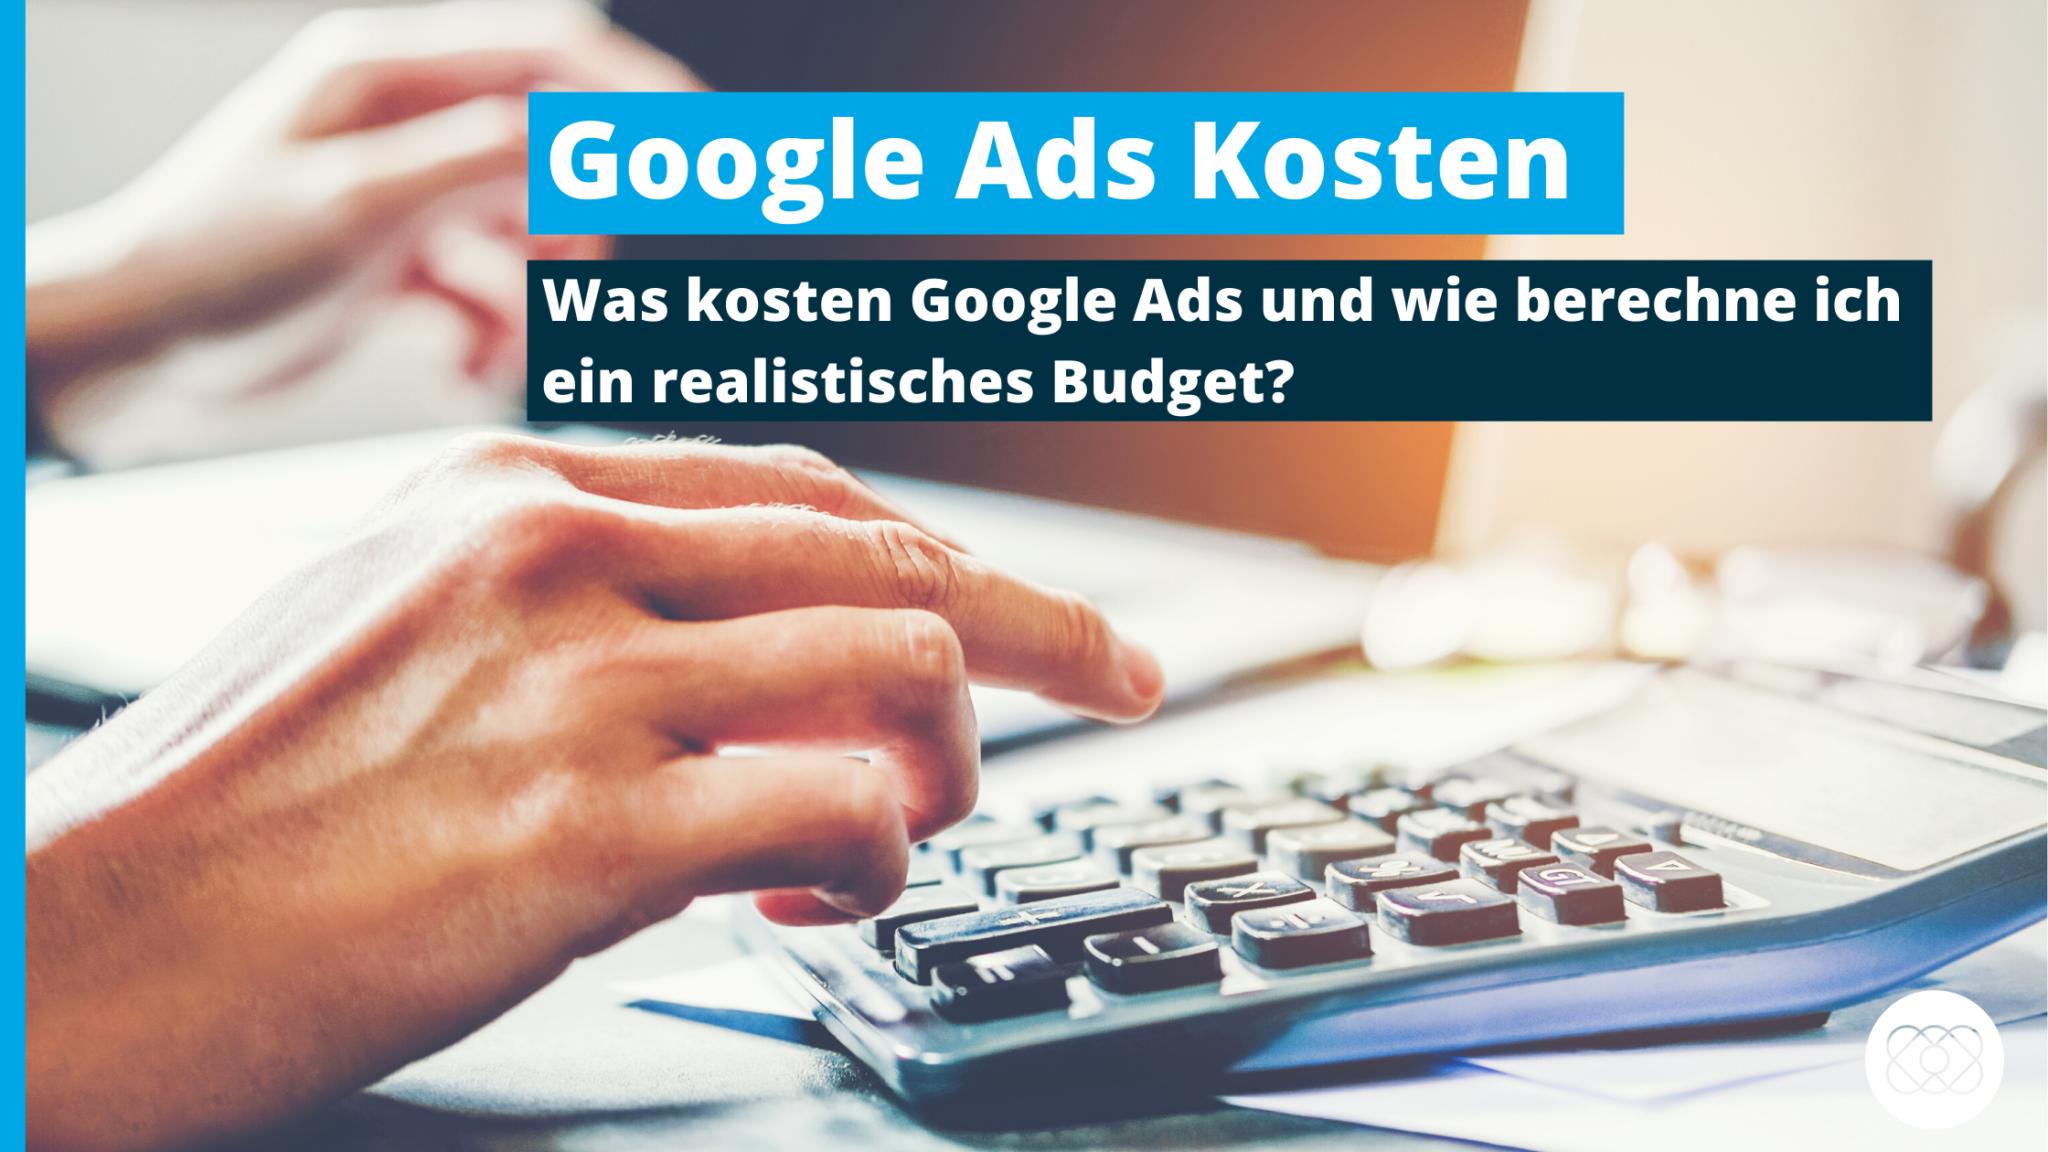 Google Ads Kosten